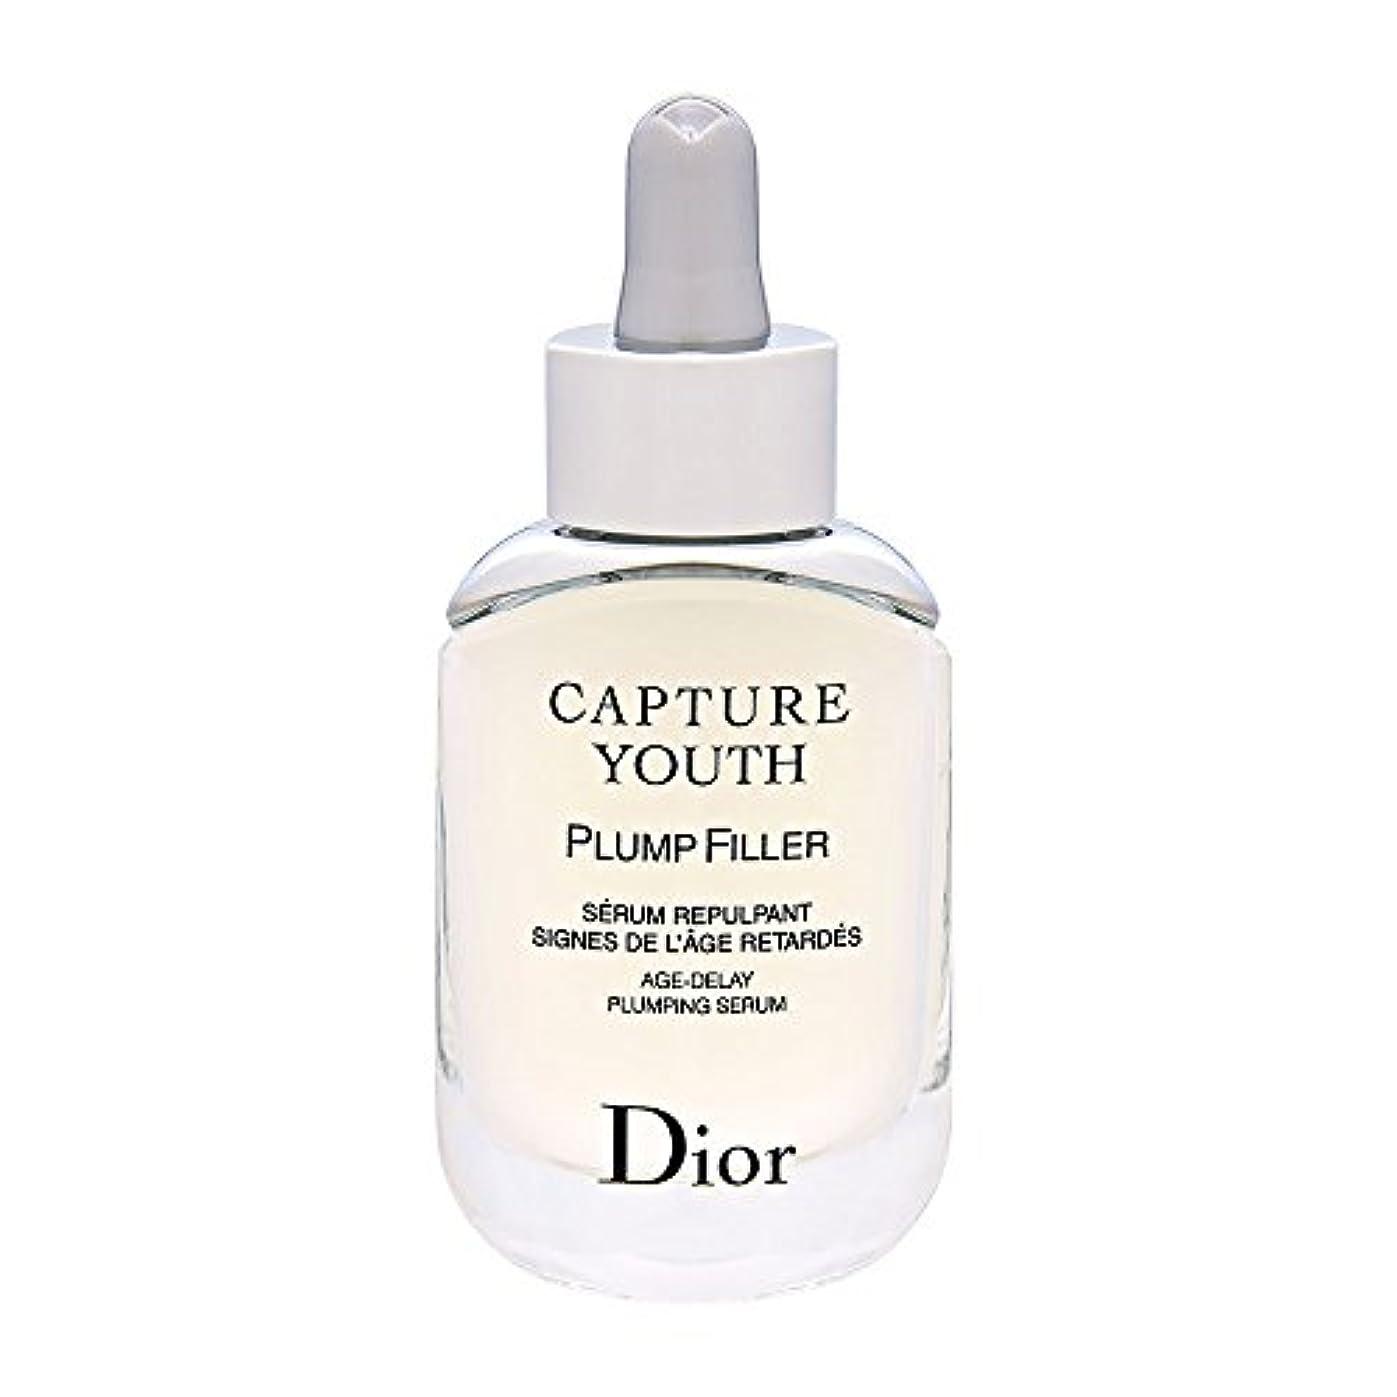 無視比類なき上向きクリスチャンディオール Christian Dior カプチュール ユース プランプフィラー 30mL [並行輸入品]